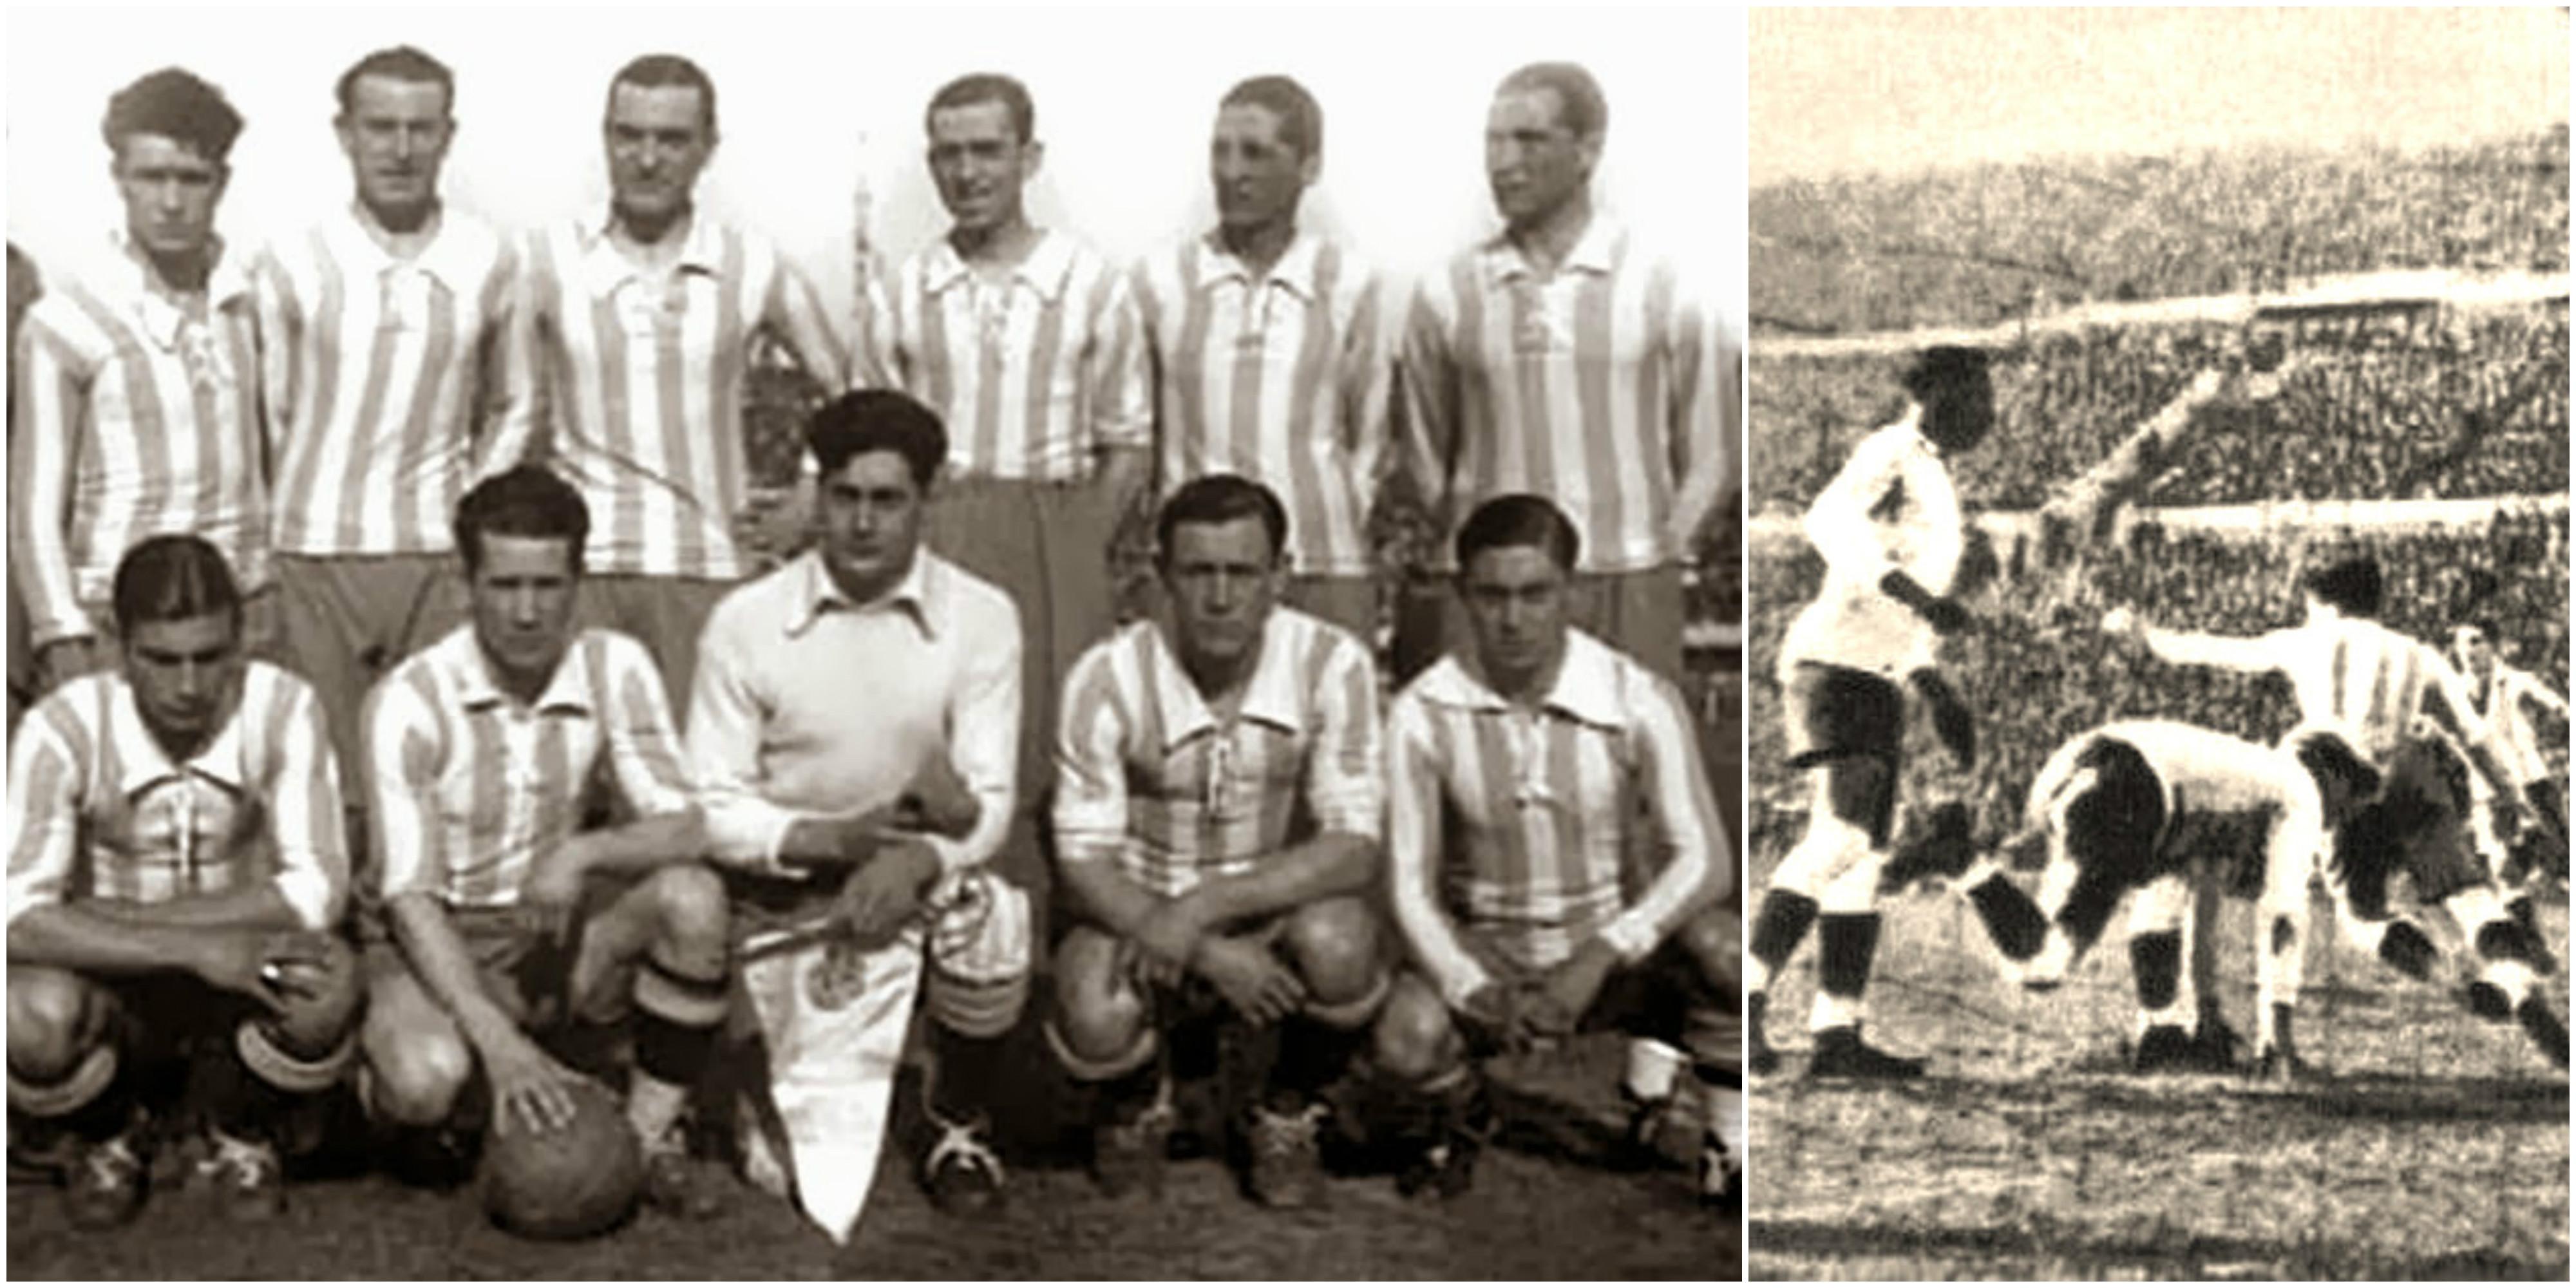 1930 Uruguay se qued³ con la final del Ro de la Plata